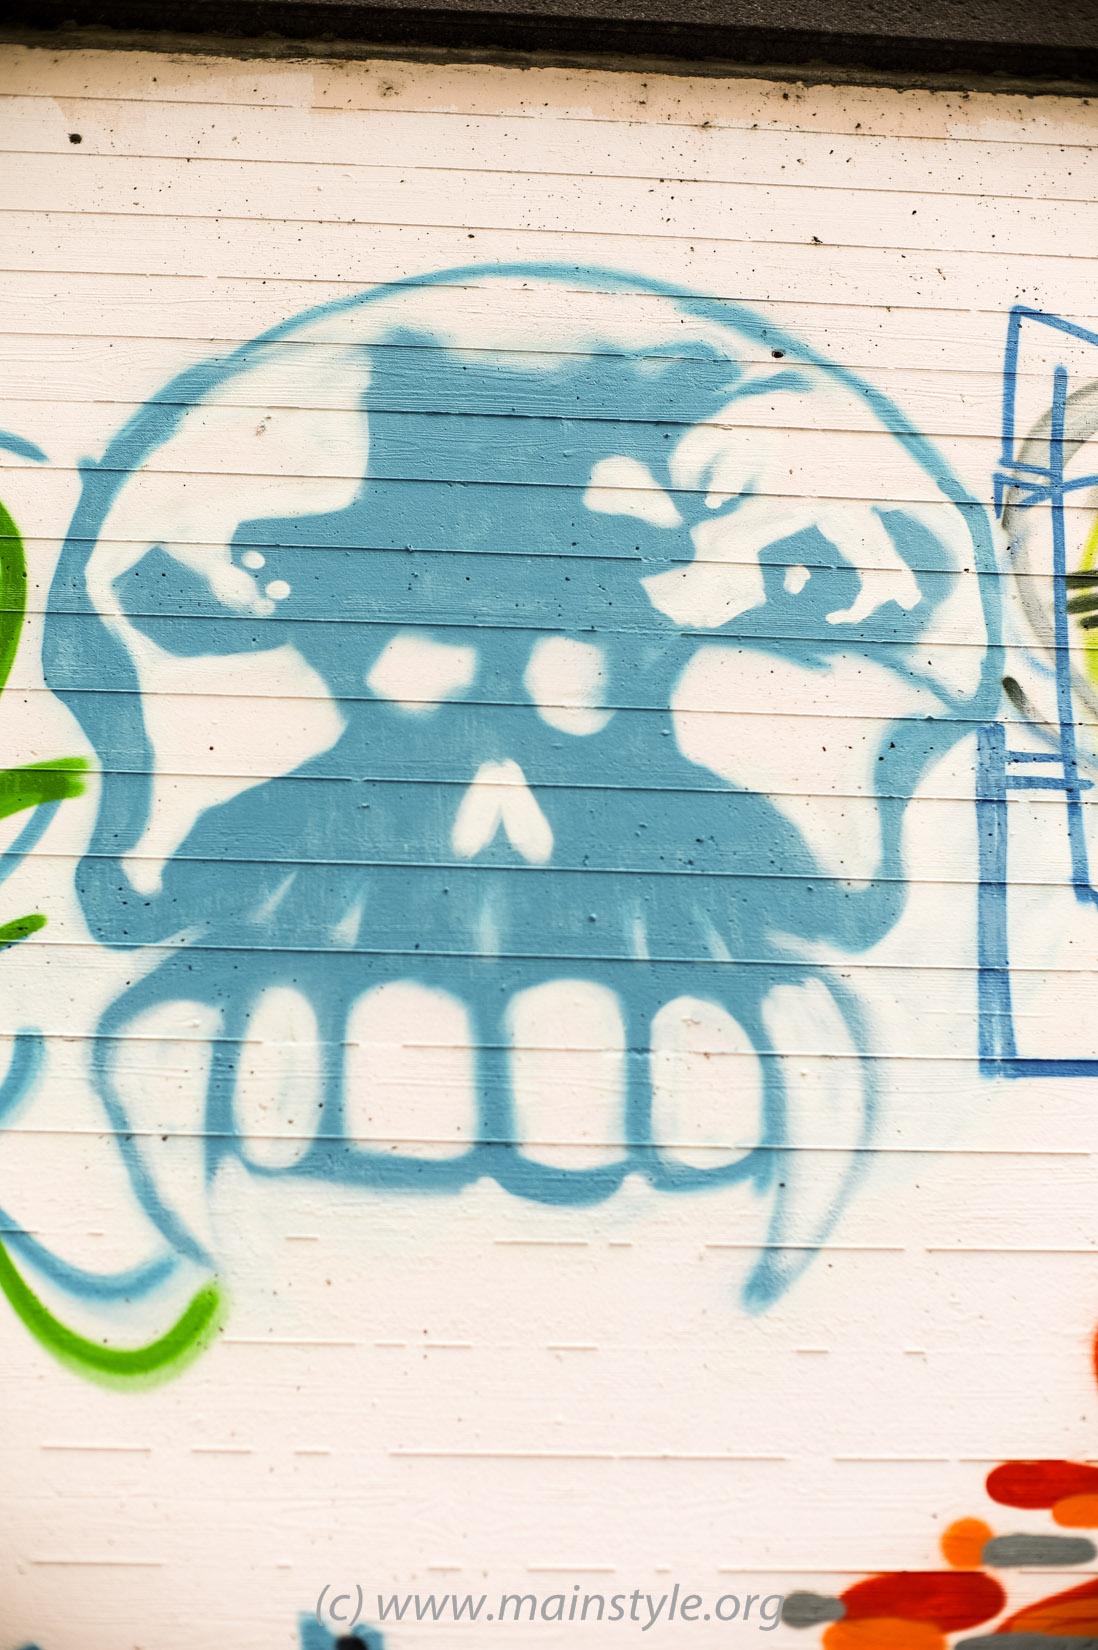 Frankfurt-Höchst_Graffiti_Süwag-Wall_2012 (4 von 35)